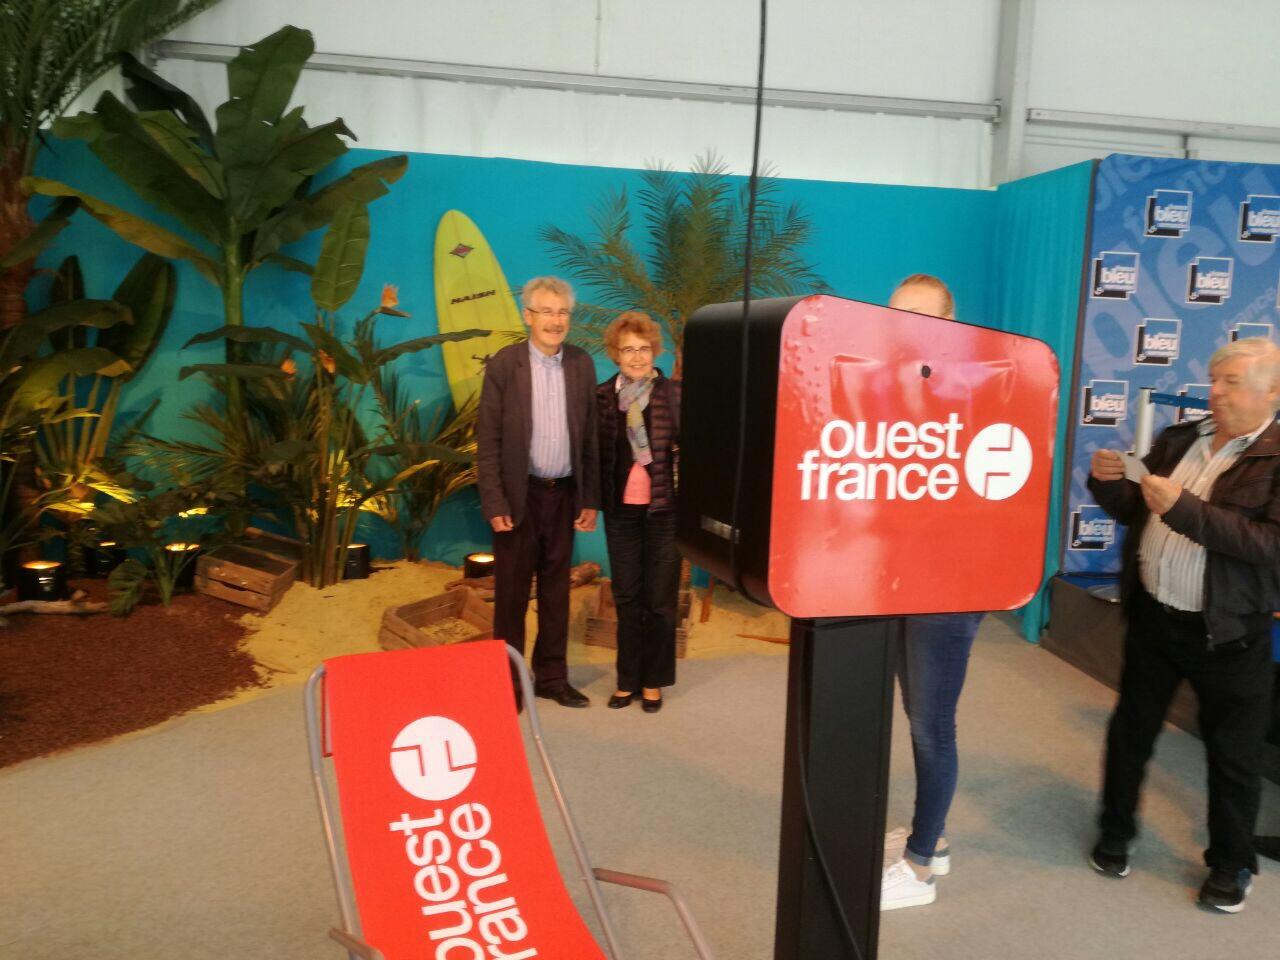 Borne selfie tactile animation stand Ouest France à foire de Caen 2017 avec impressions photos personnalisées pour les visiteurs